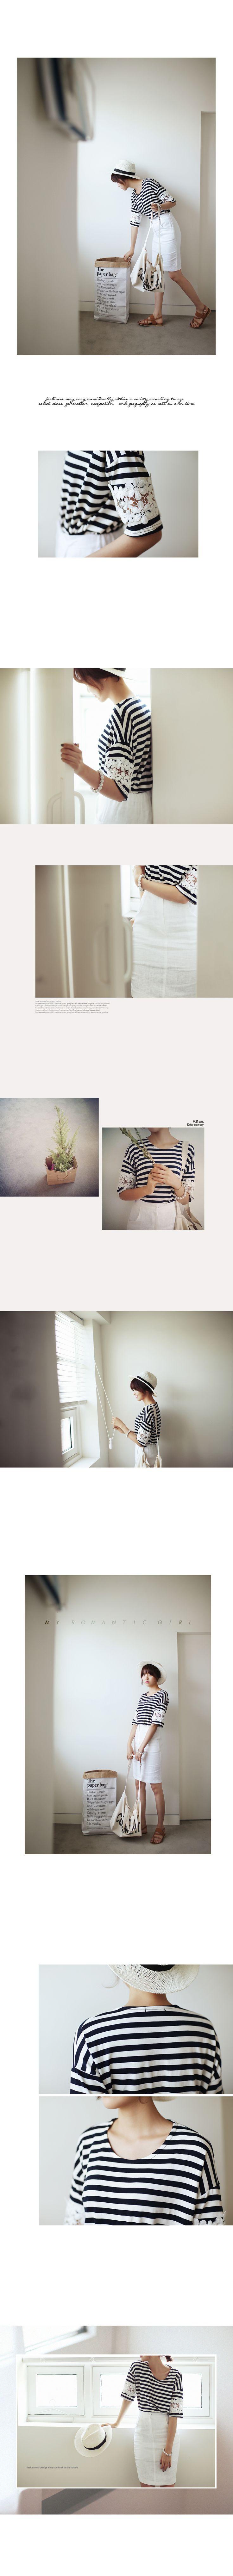 スリーブレースボーダーTシャツ・全3色トップス・カットソーカットソー・Tシャツ|レディースファッション通販 DHOLICディーホリック [ファストファッション 水着 ワンピース]